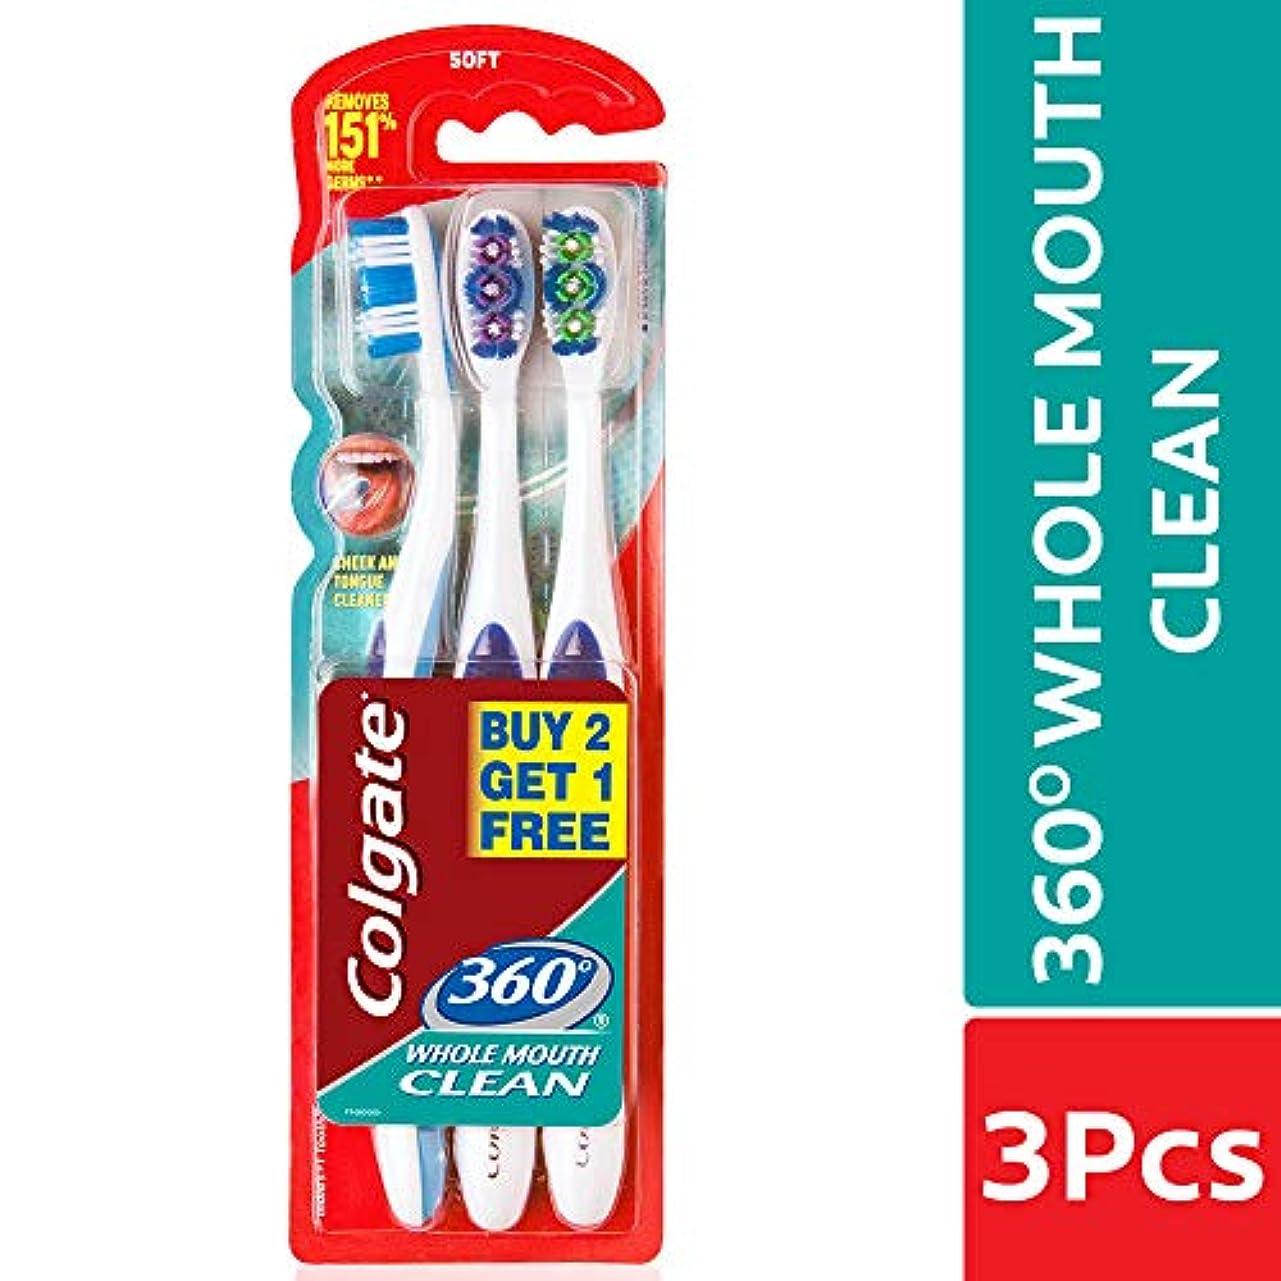 シェルターインスタンス銛Colgate 360 whole mouth clean (MEDIUM) toothbrush (3pc pack)